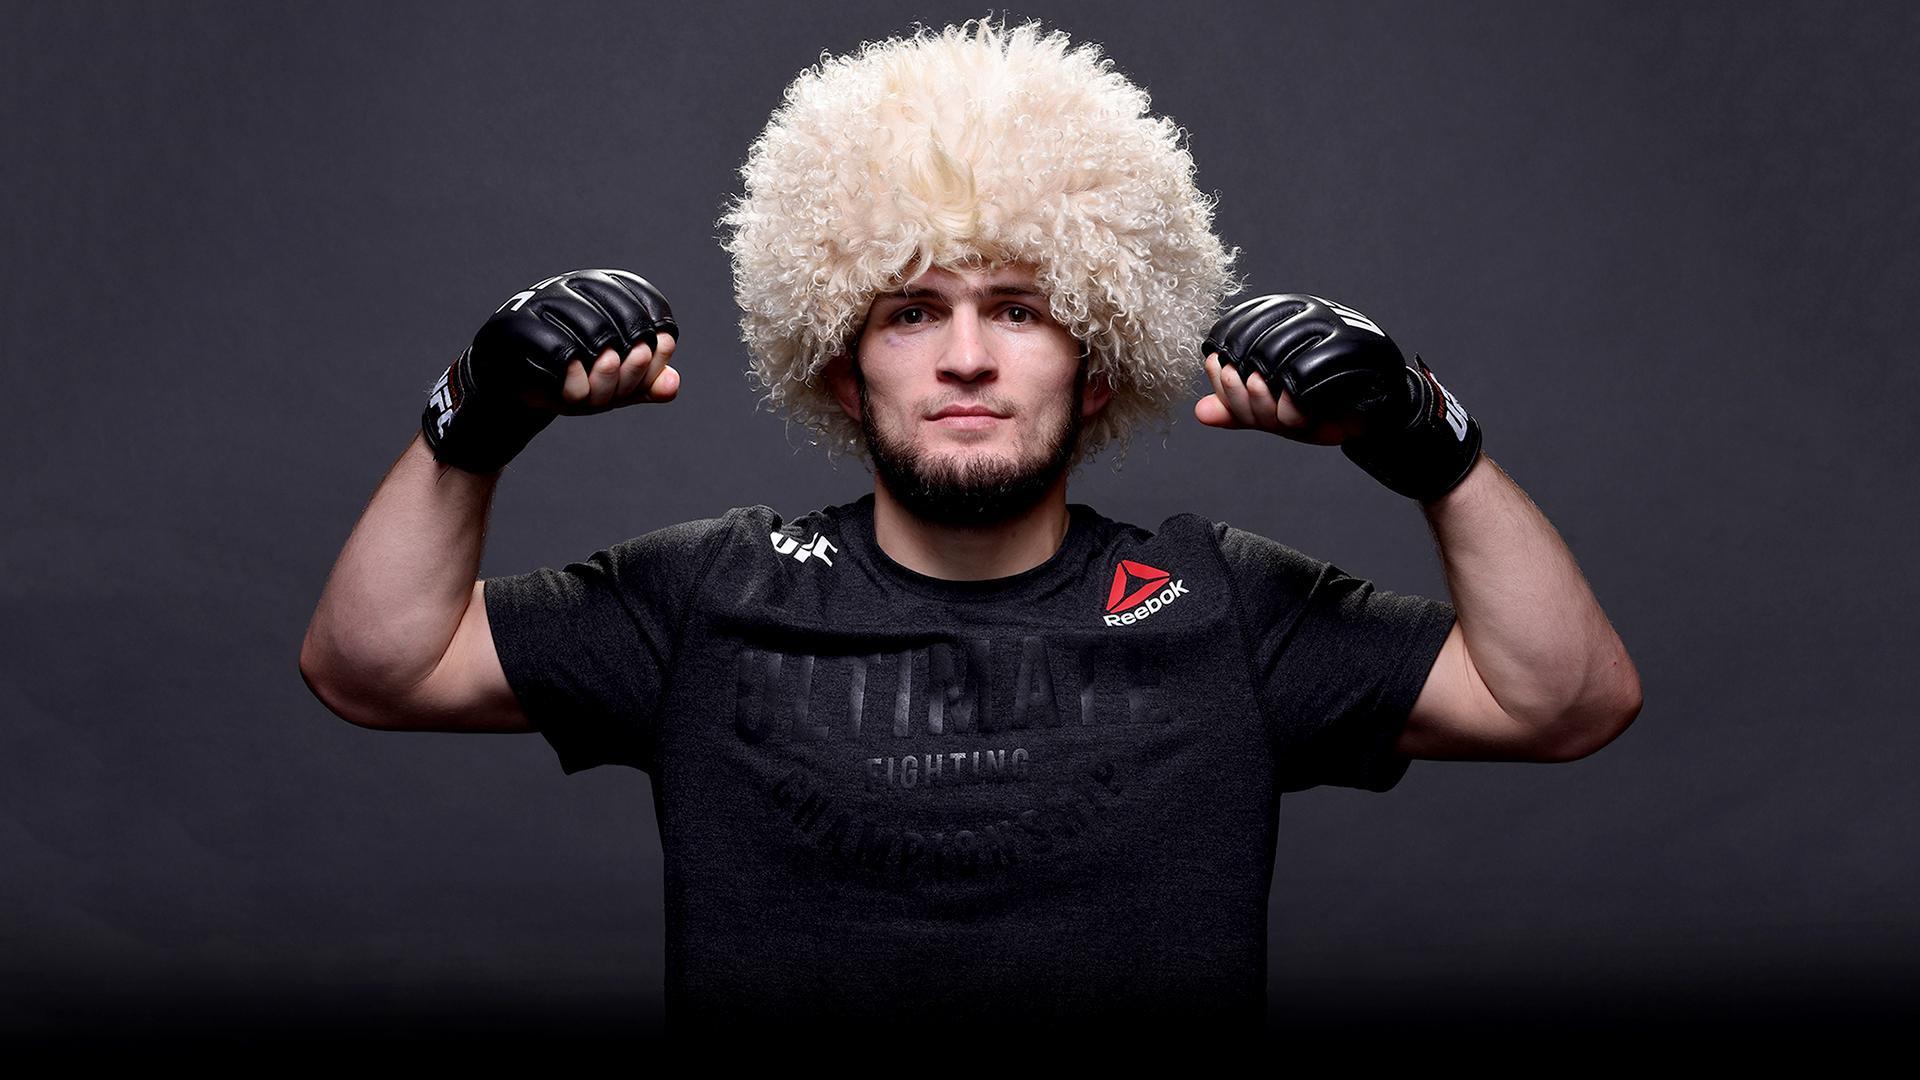 Нурмагомедов дал прогноз на бой Емельяненко – Кокляев